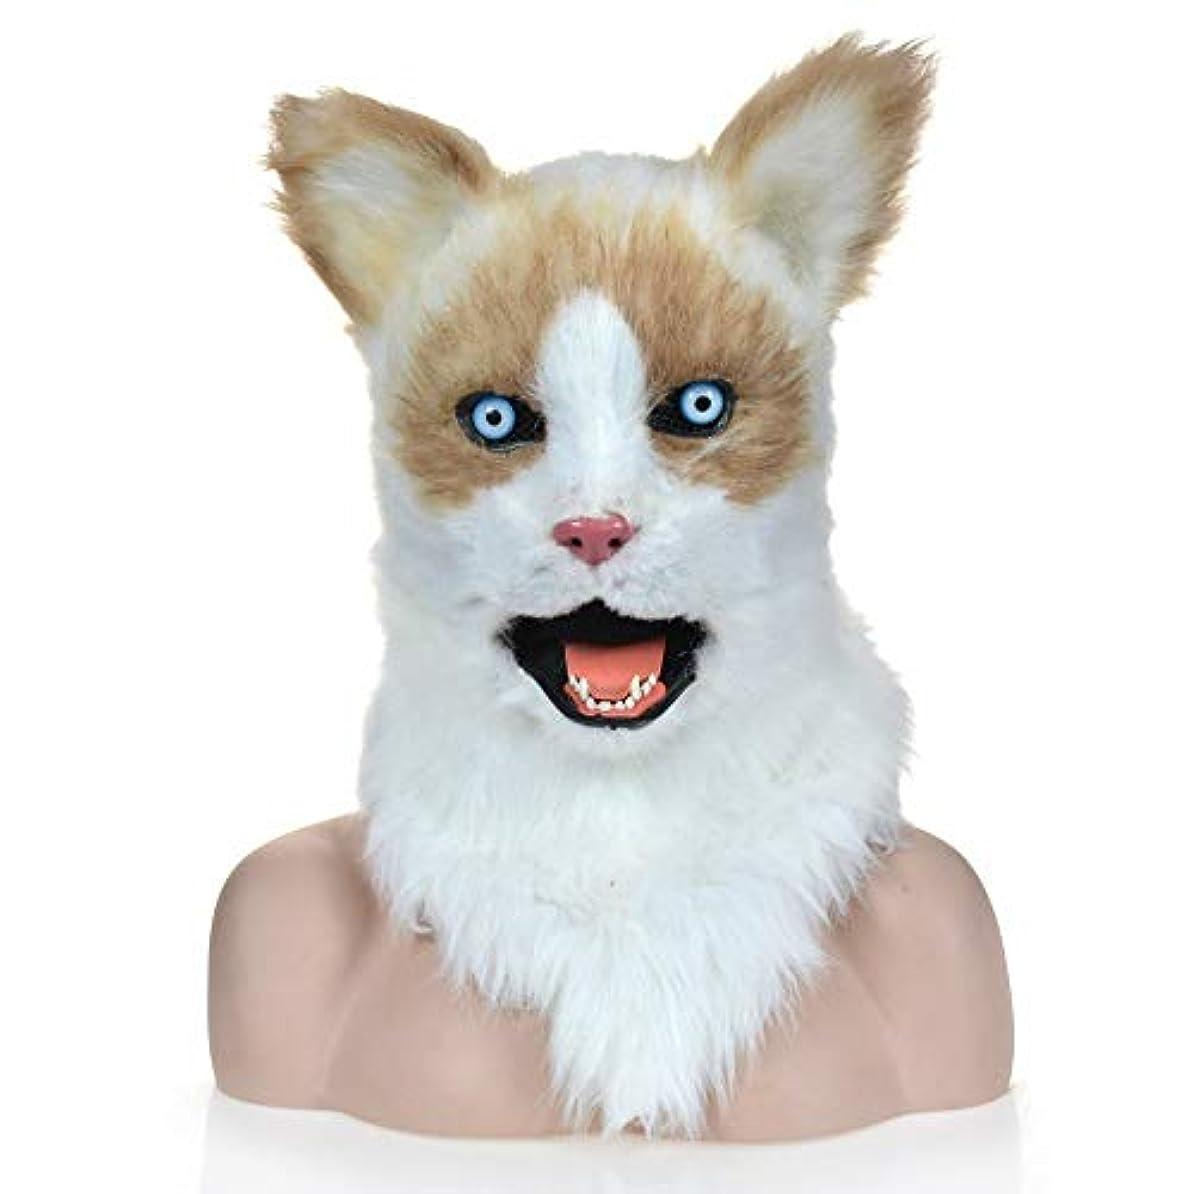 クレーン静かに信条ETH 動物動物猫ファッションショーシミュレーションマスク/ハロウィーンのデコレーション/アクセサリー 適用されます